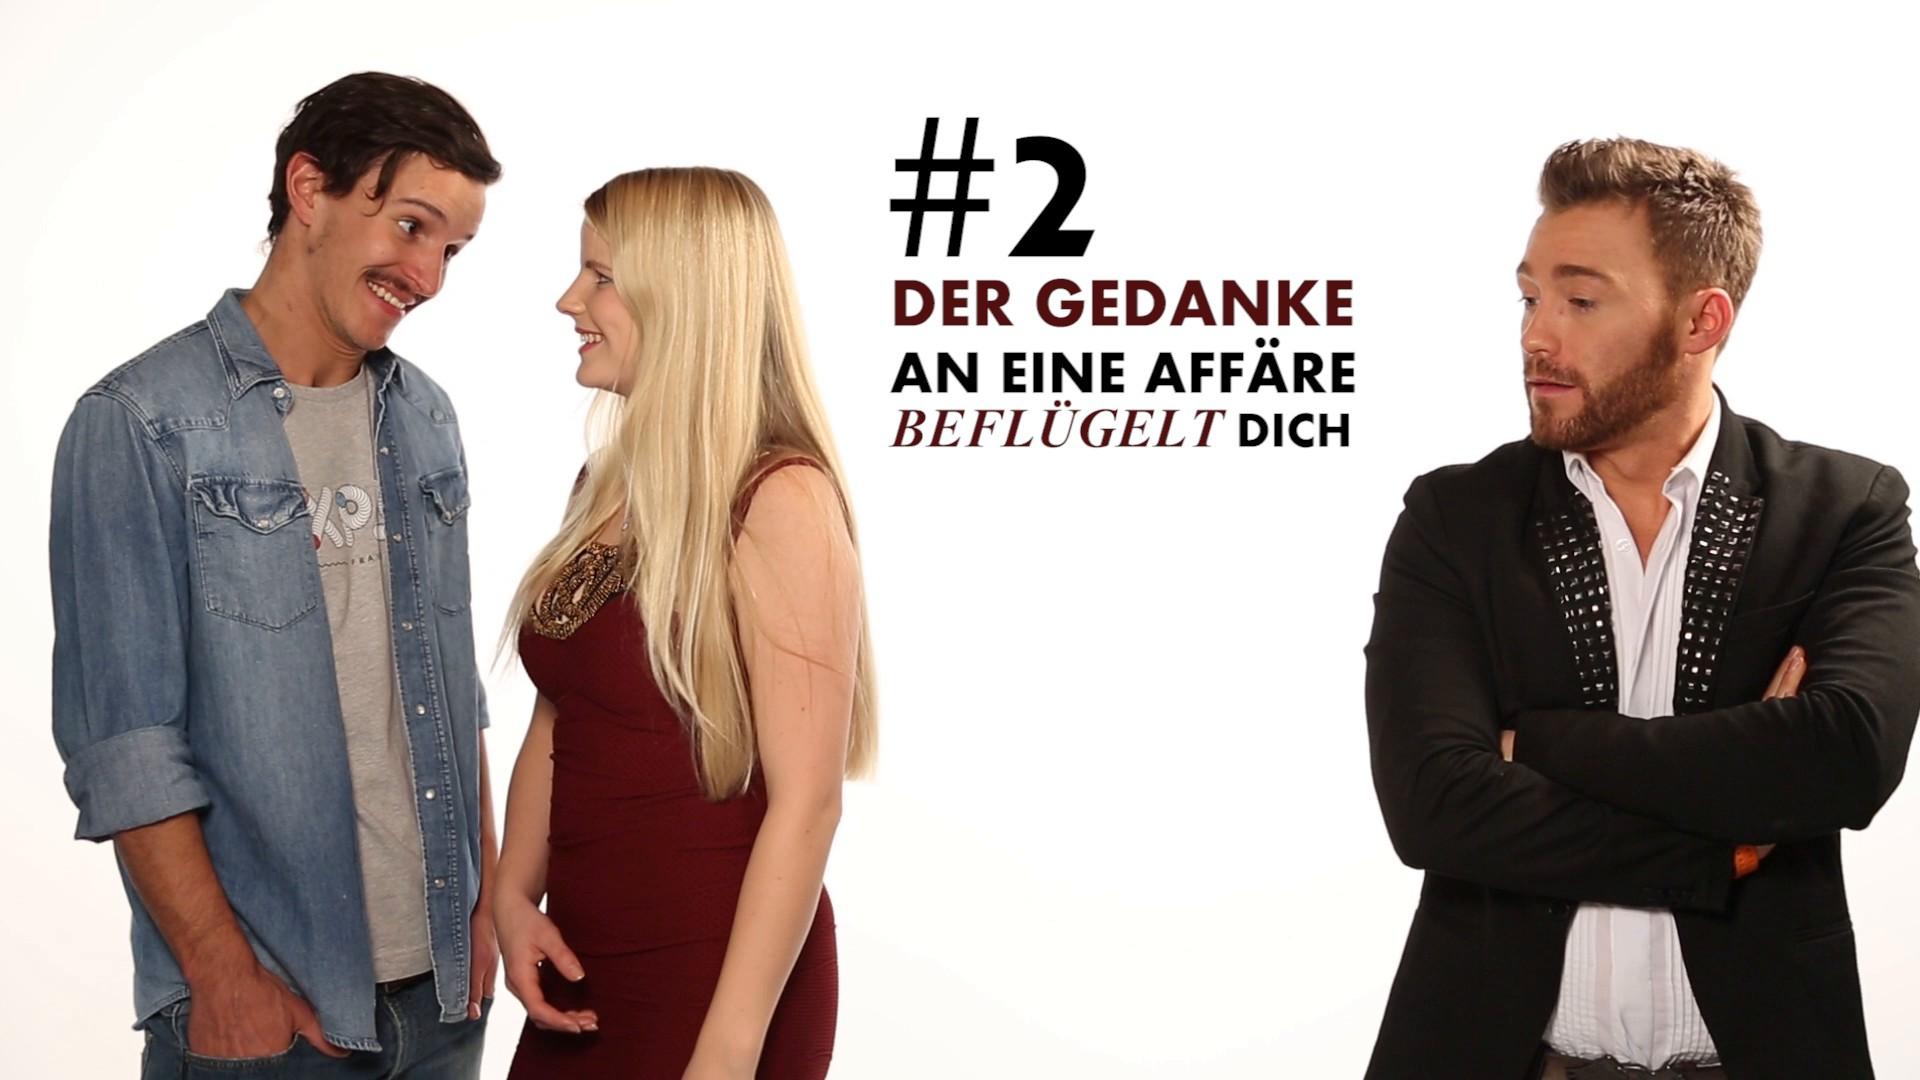 7 Anzeichen, dass du reif für eine offene Beziehung bist_EL.mp4: image 2